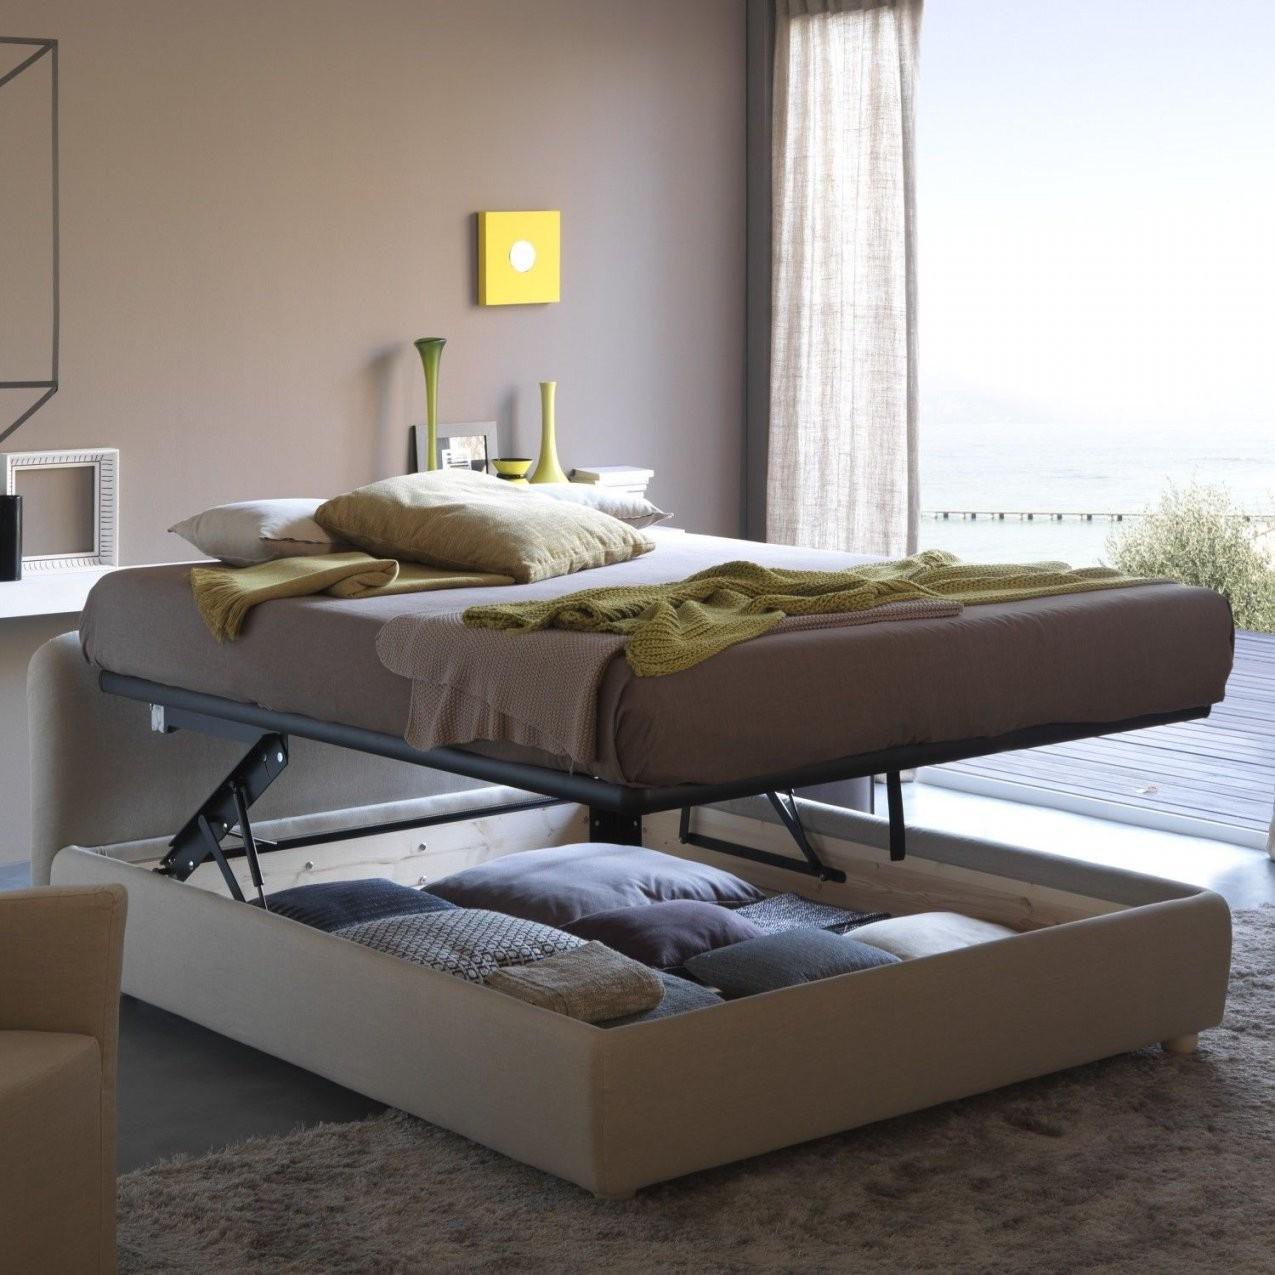 Billig Bett Mit Stauraum 180X200  Schlafzimmer  Pinterest  Bett von Bett Mit Aufbewahrung 180X200 Photo